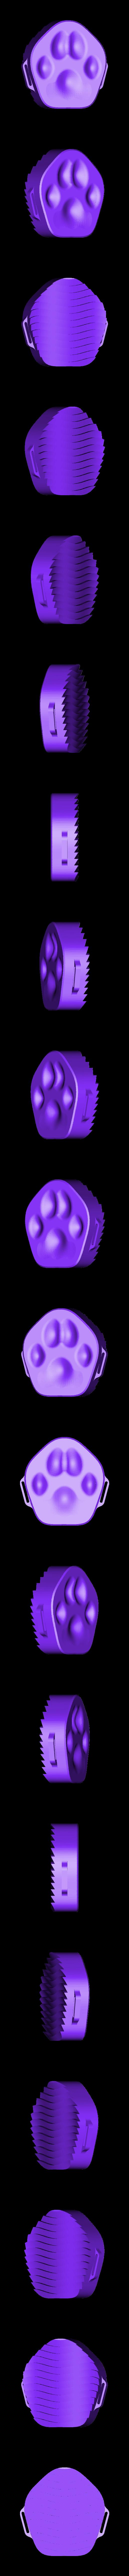 chancla.stl Télécharger fichier STL gratuit pantoufle pour chien • Plan à imprimer en 3D, PRINTTHINKS